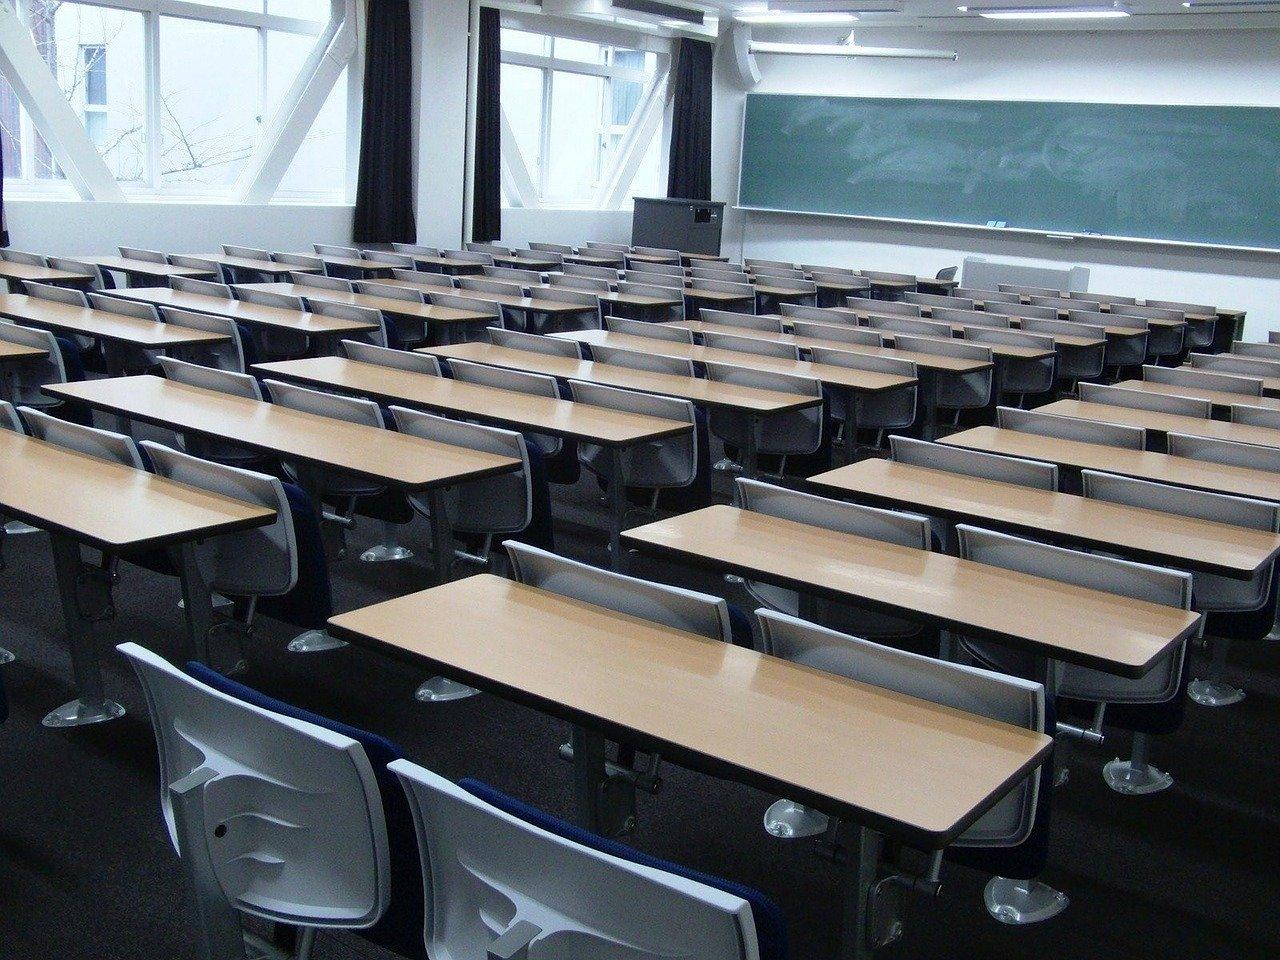 Schoollokaal in Japan